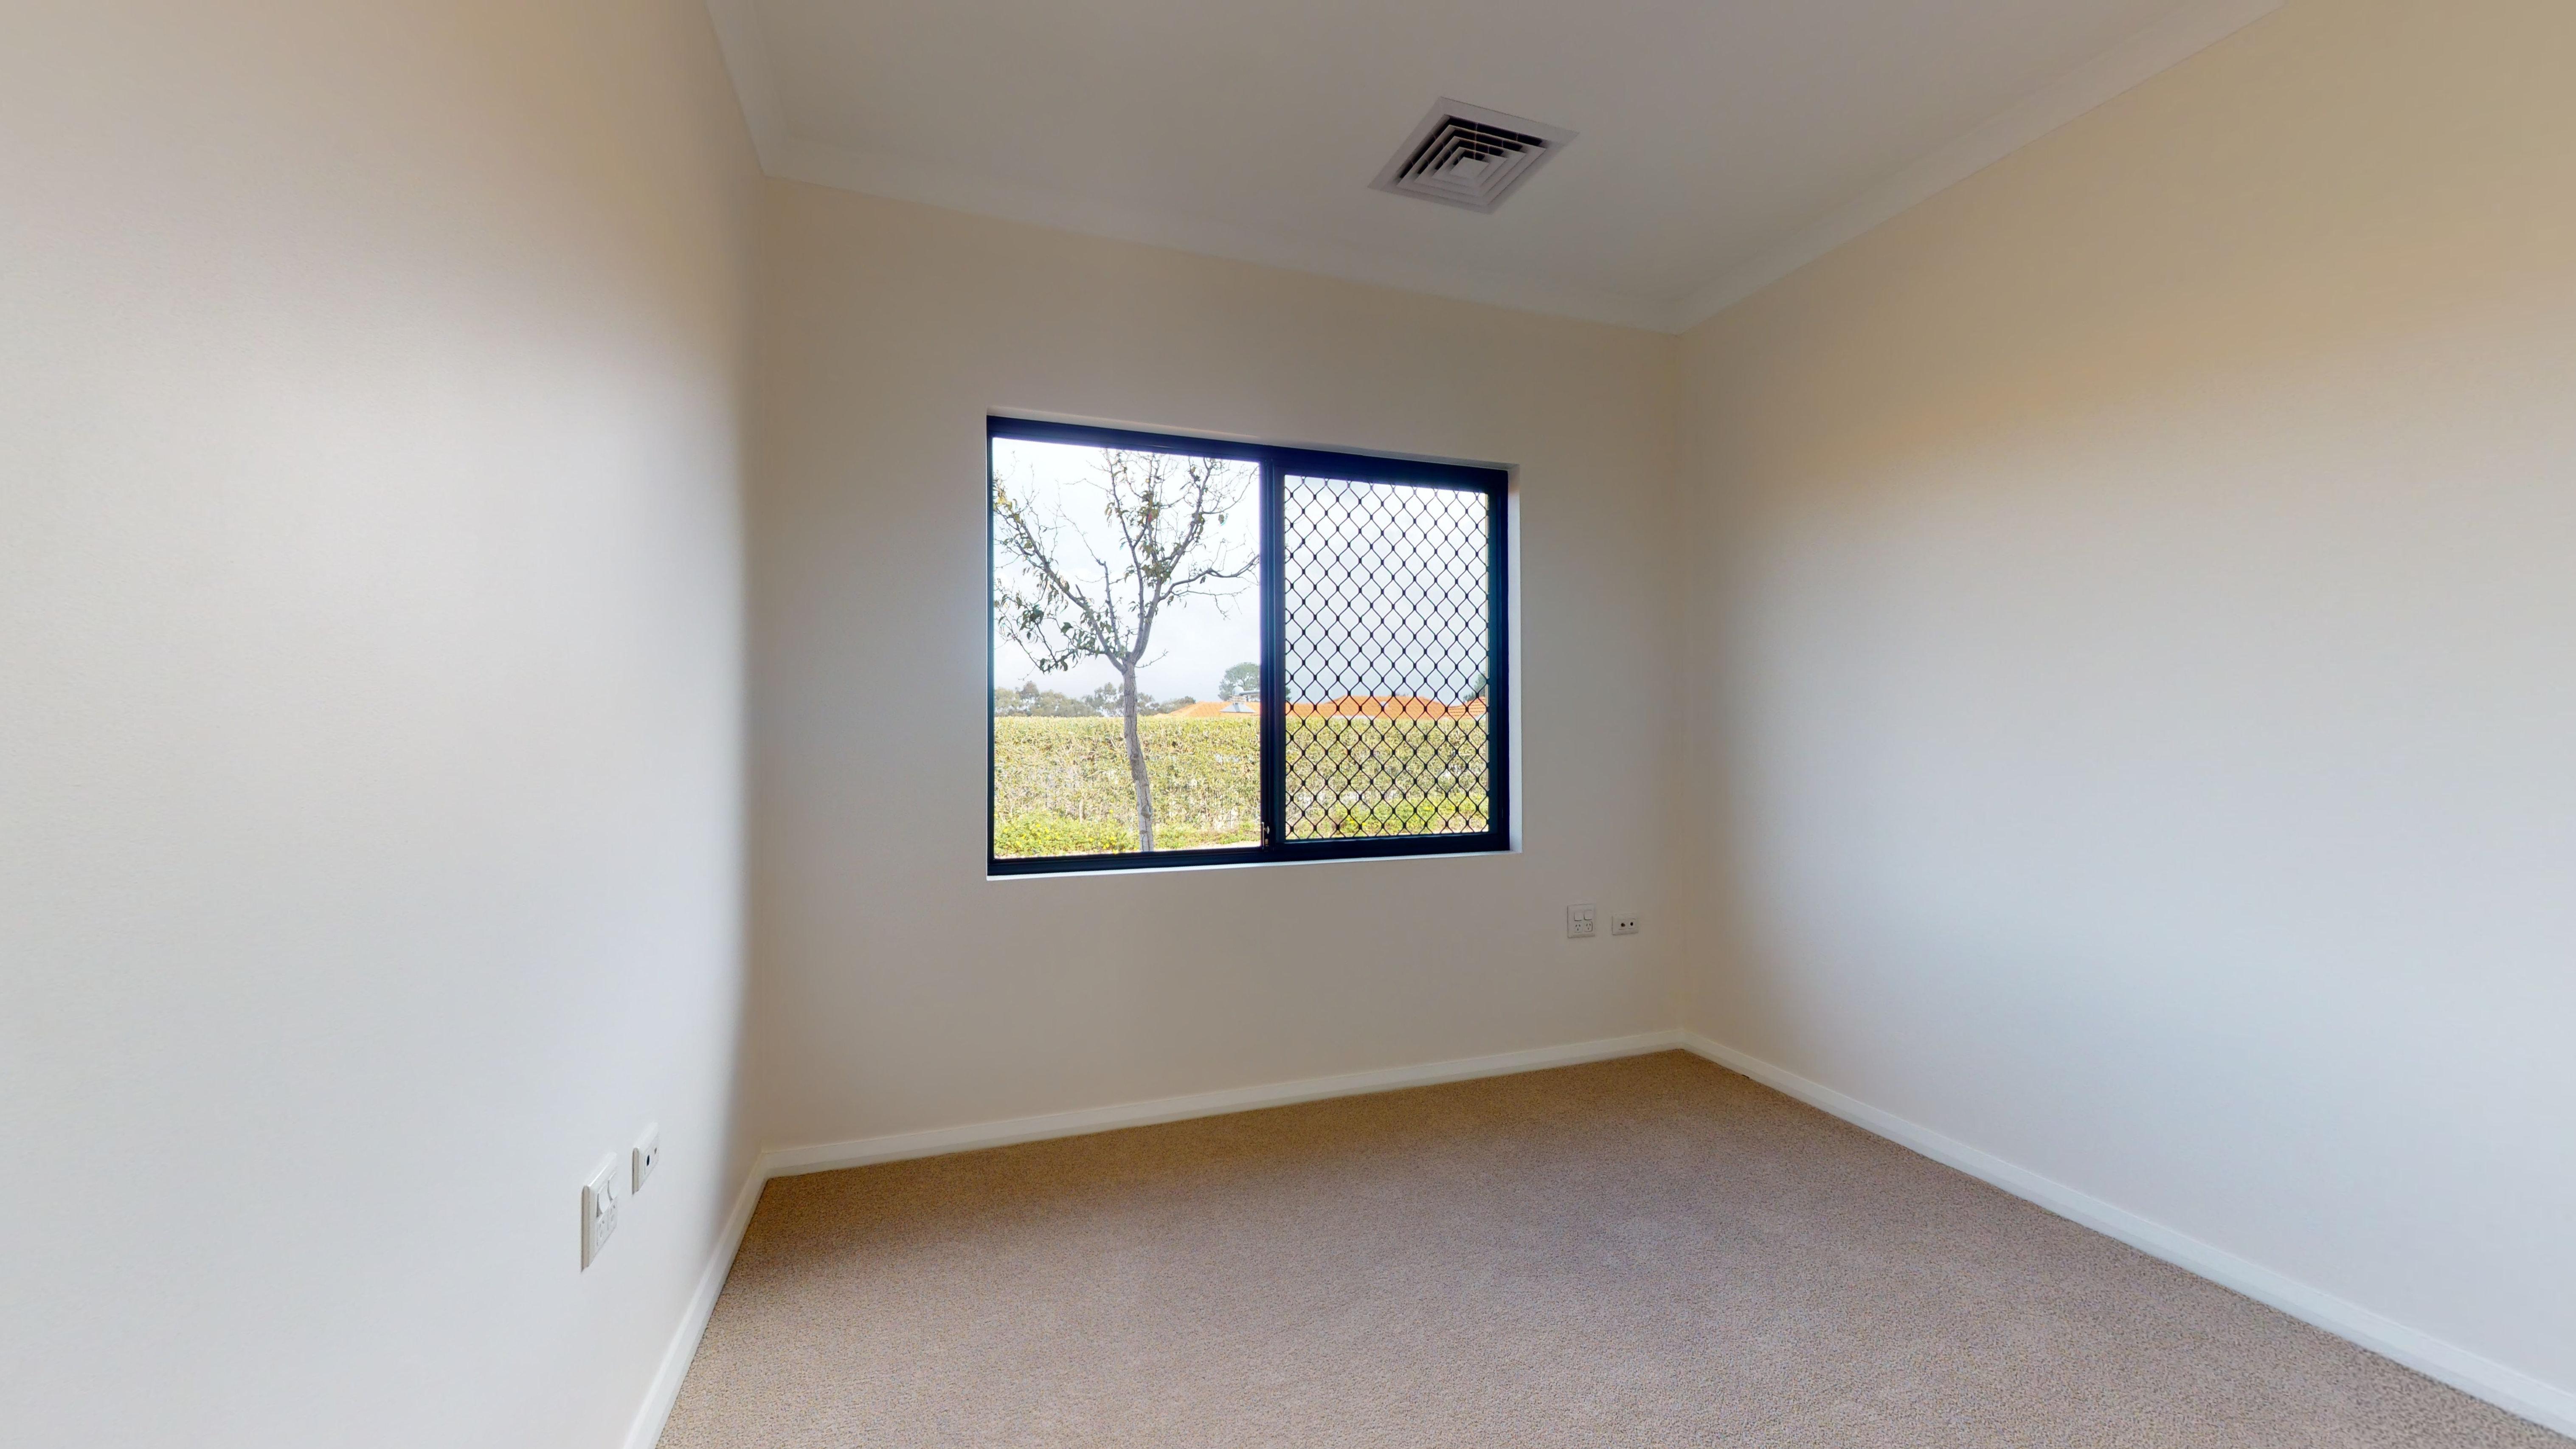 35483742 1626331093 24957 174 22 Windelya Rd Murdoch Main Bedroom